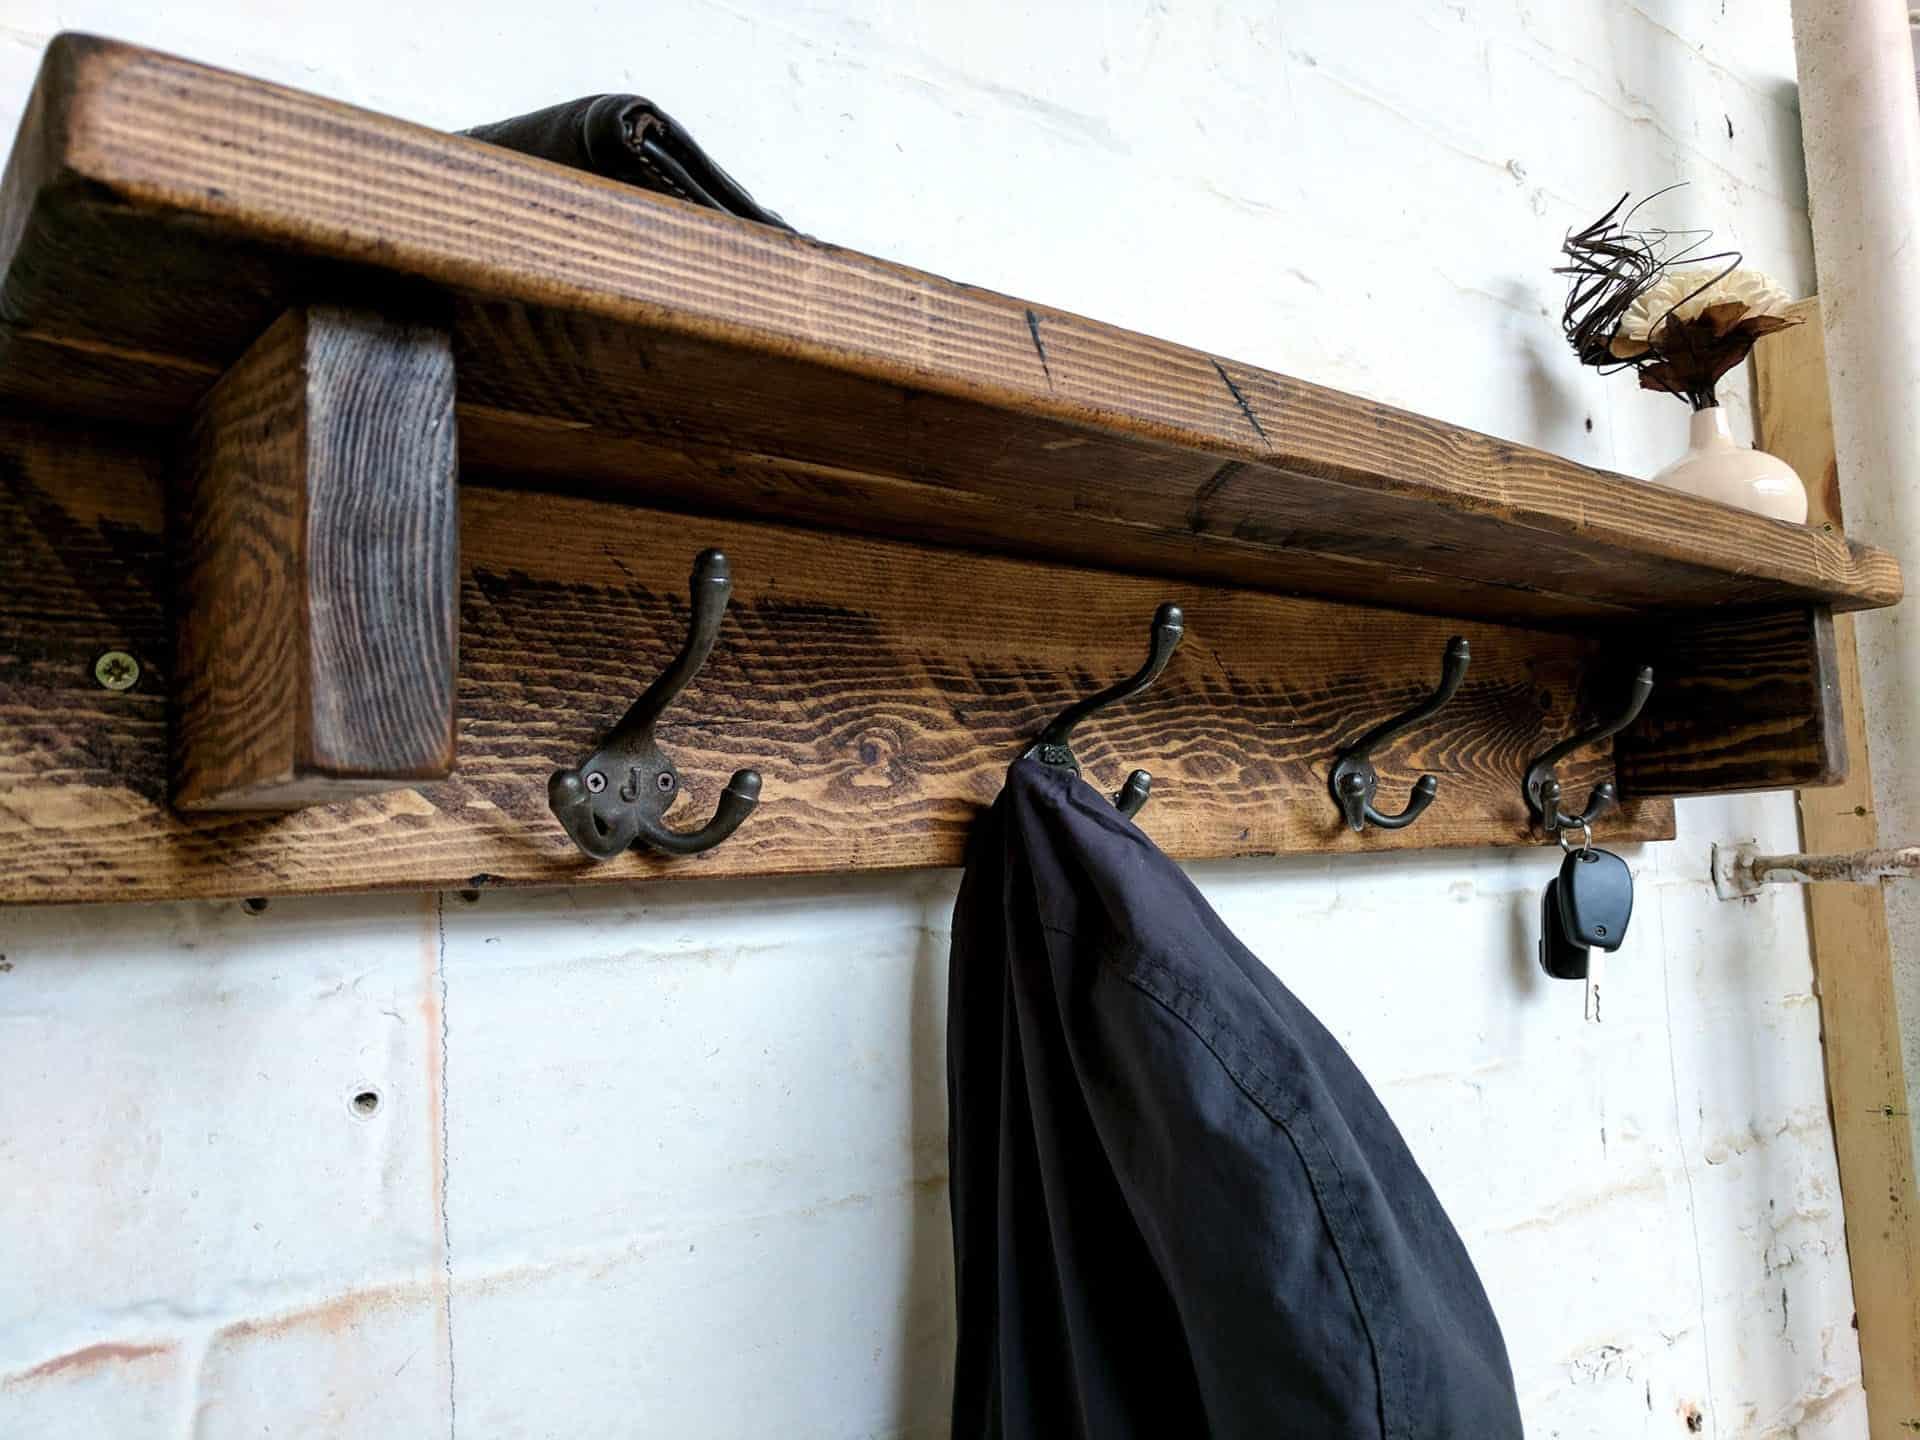 Rustic coat hooks